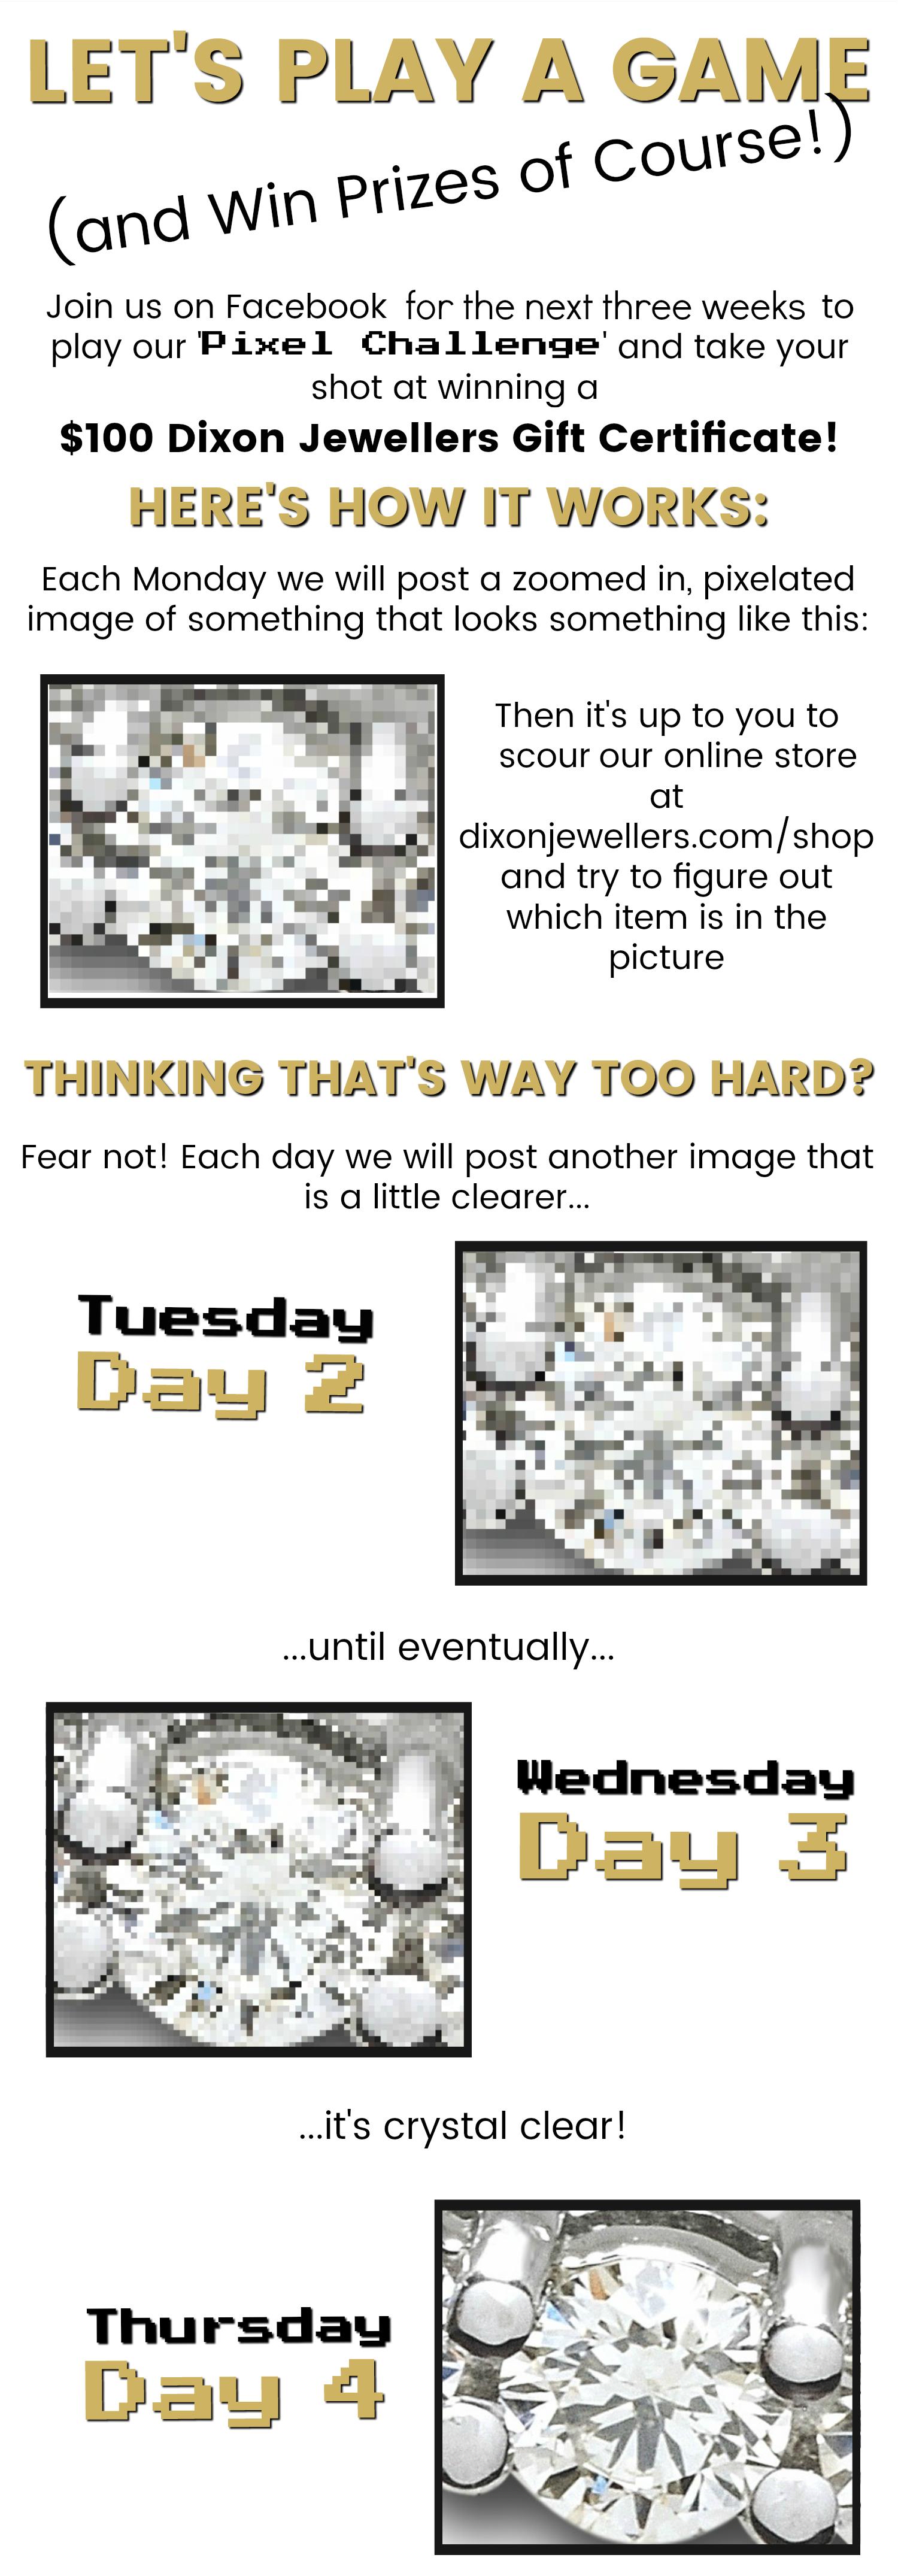 PixelChallenge2018.png